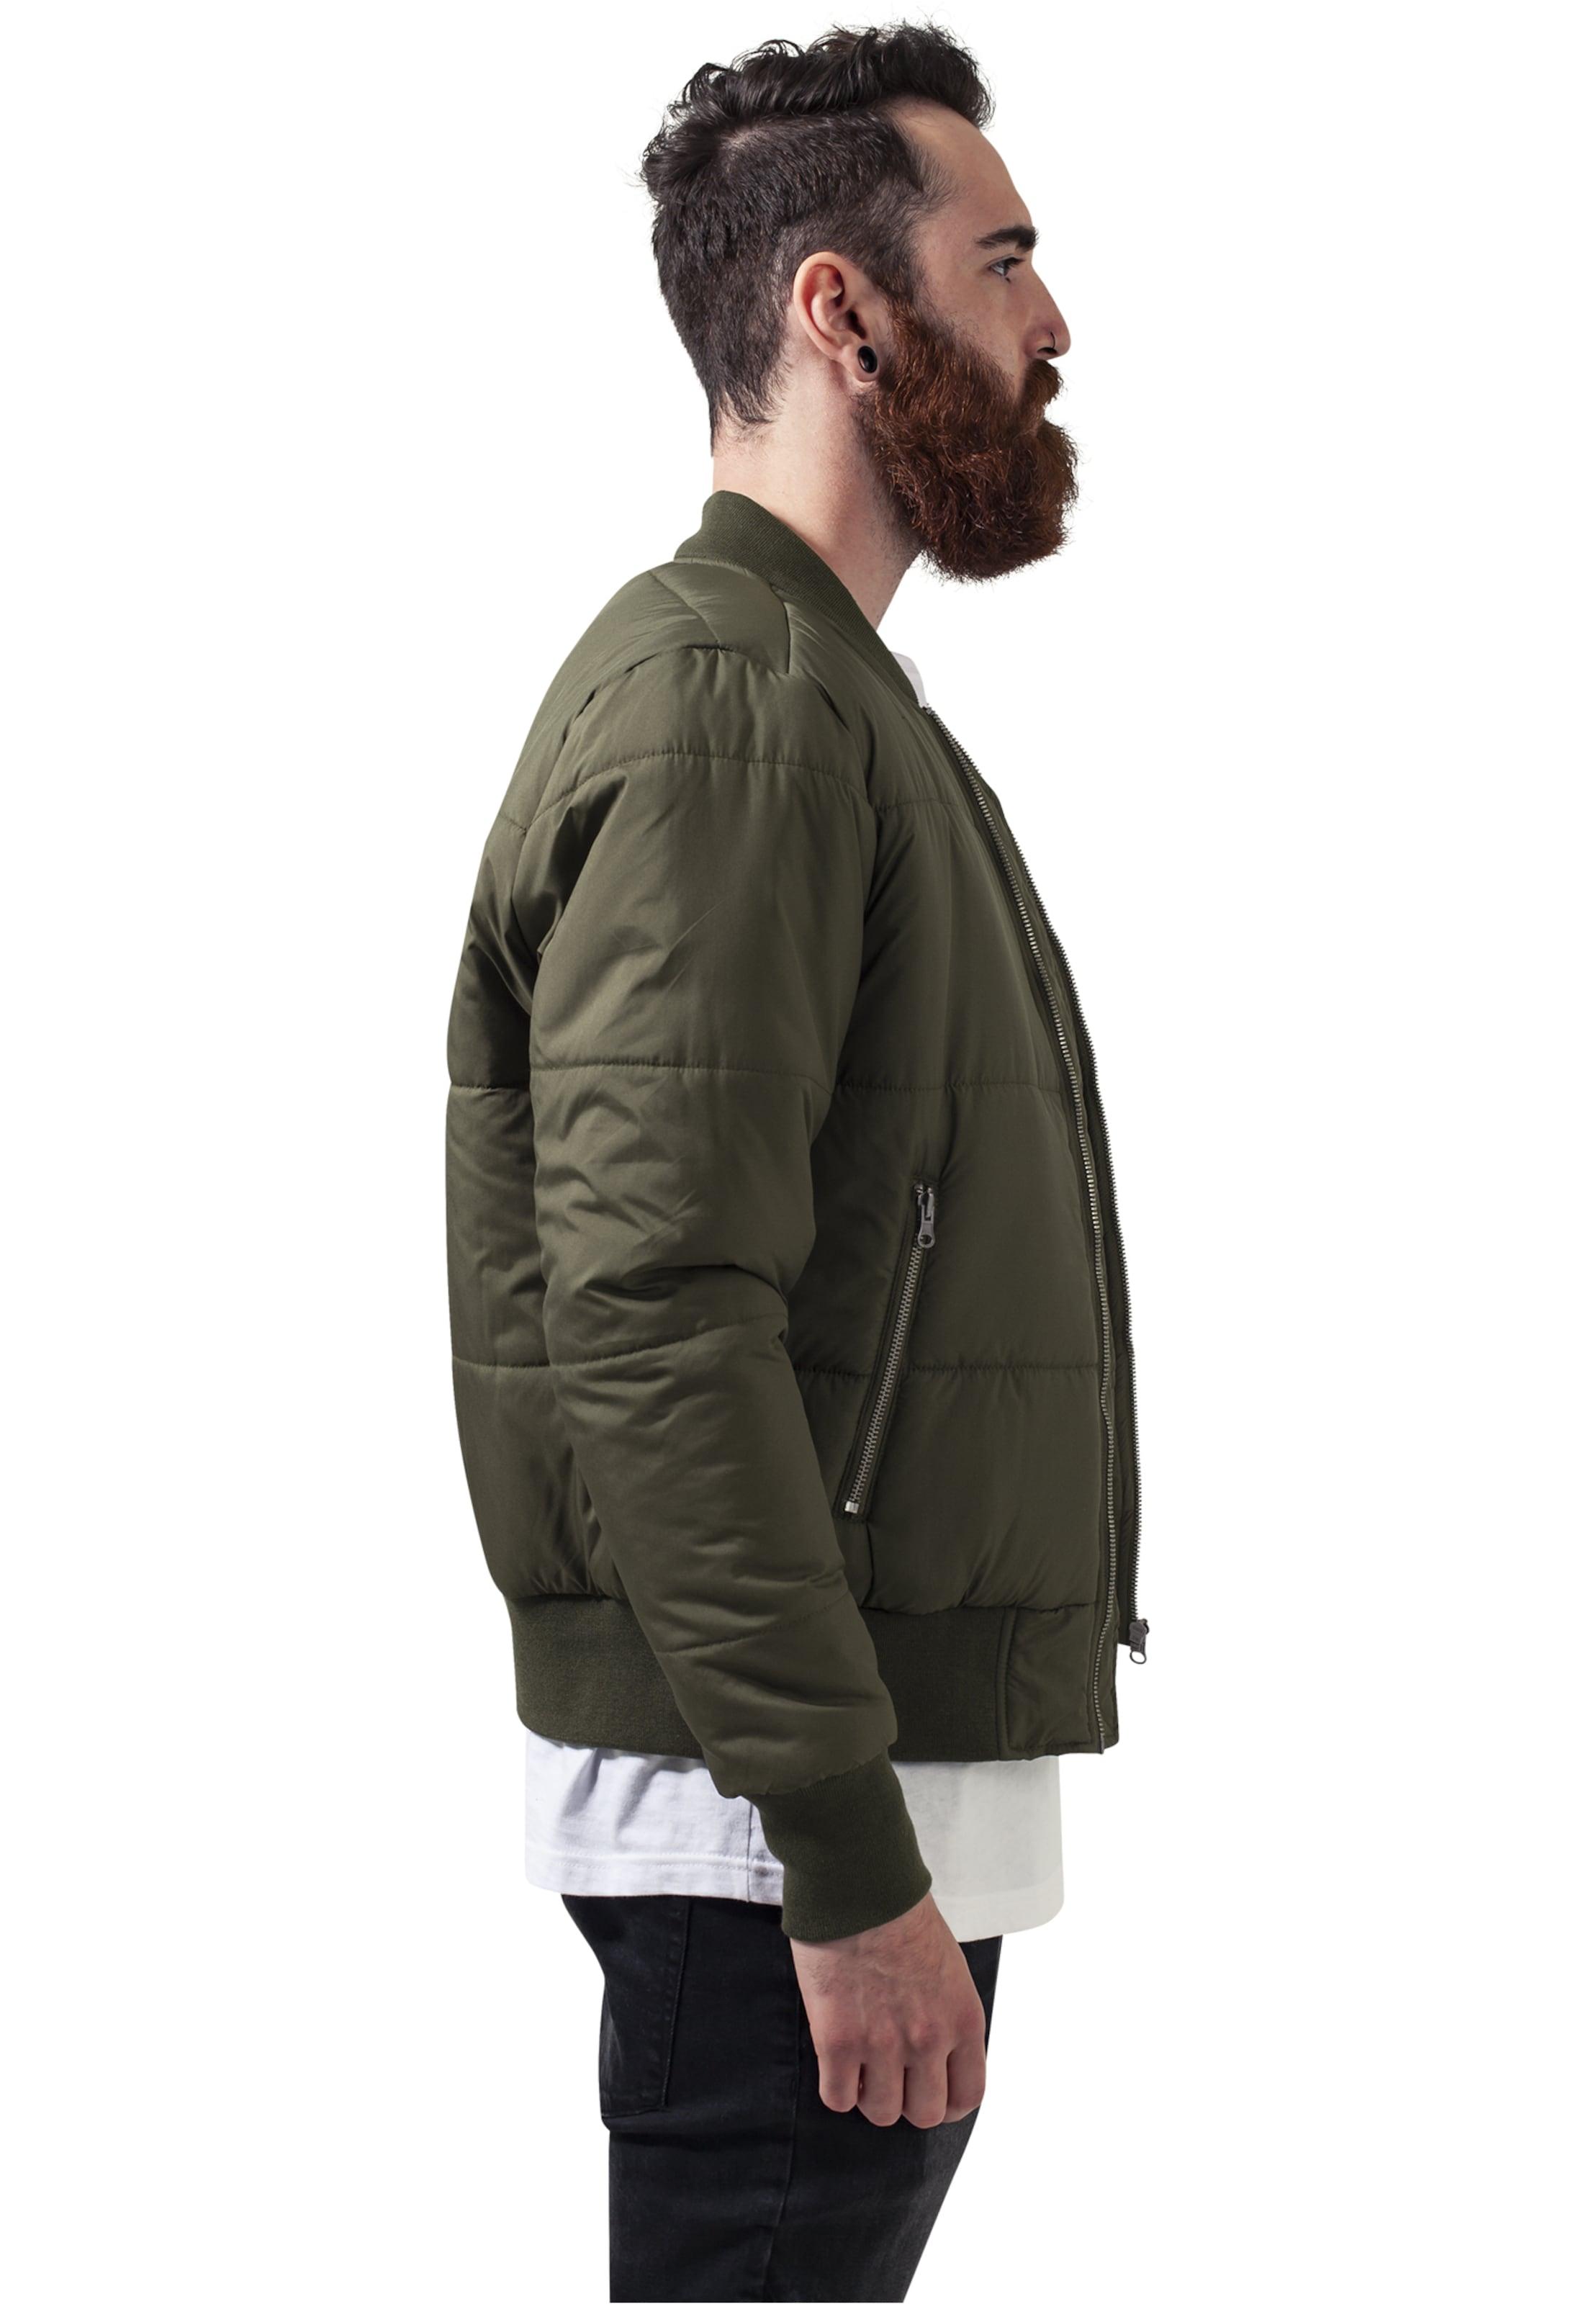 Classics Classics Jacket Urban In In Oliv Oliv Jacket Urban OTPXwZulki